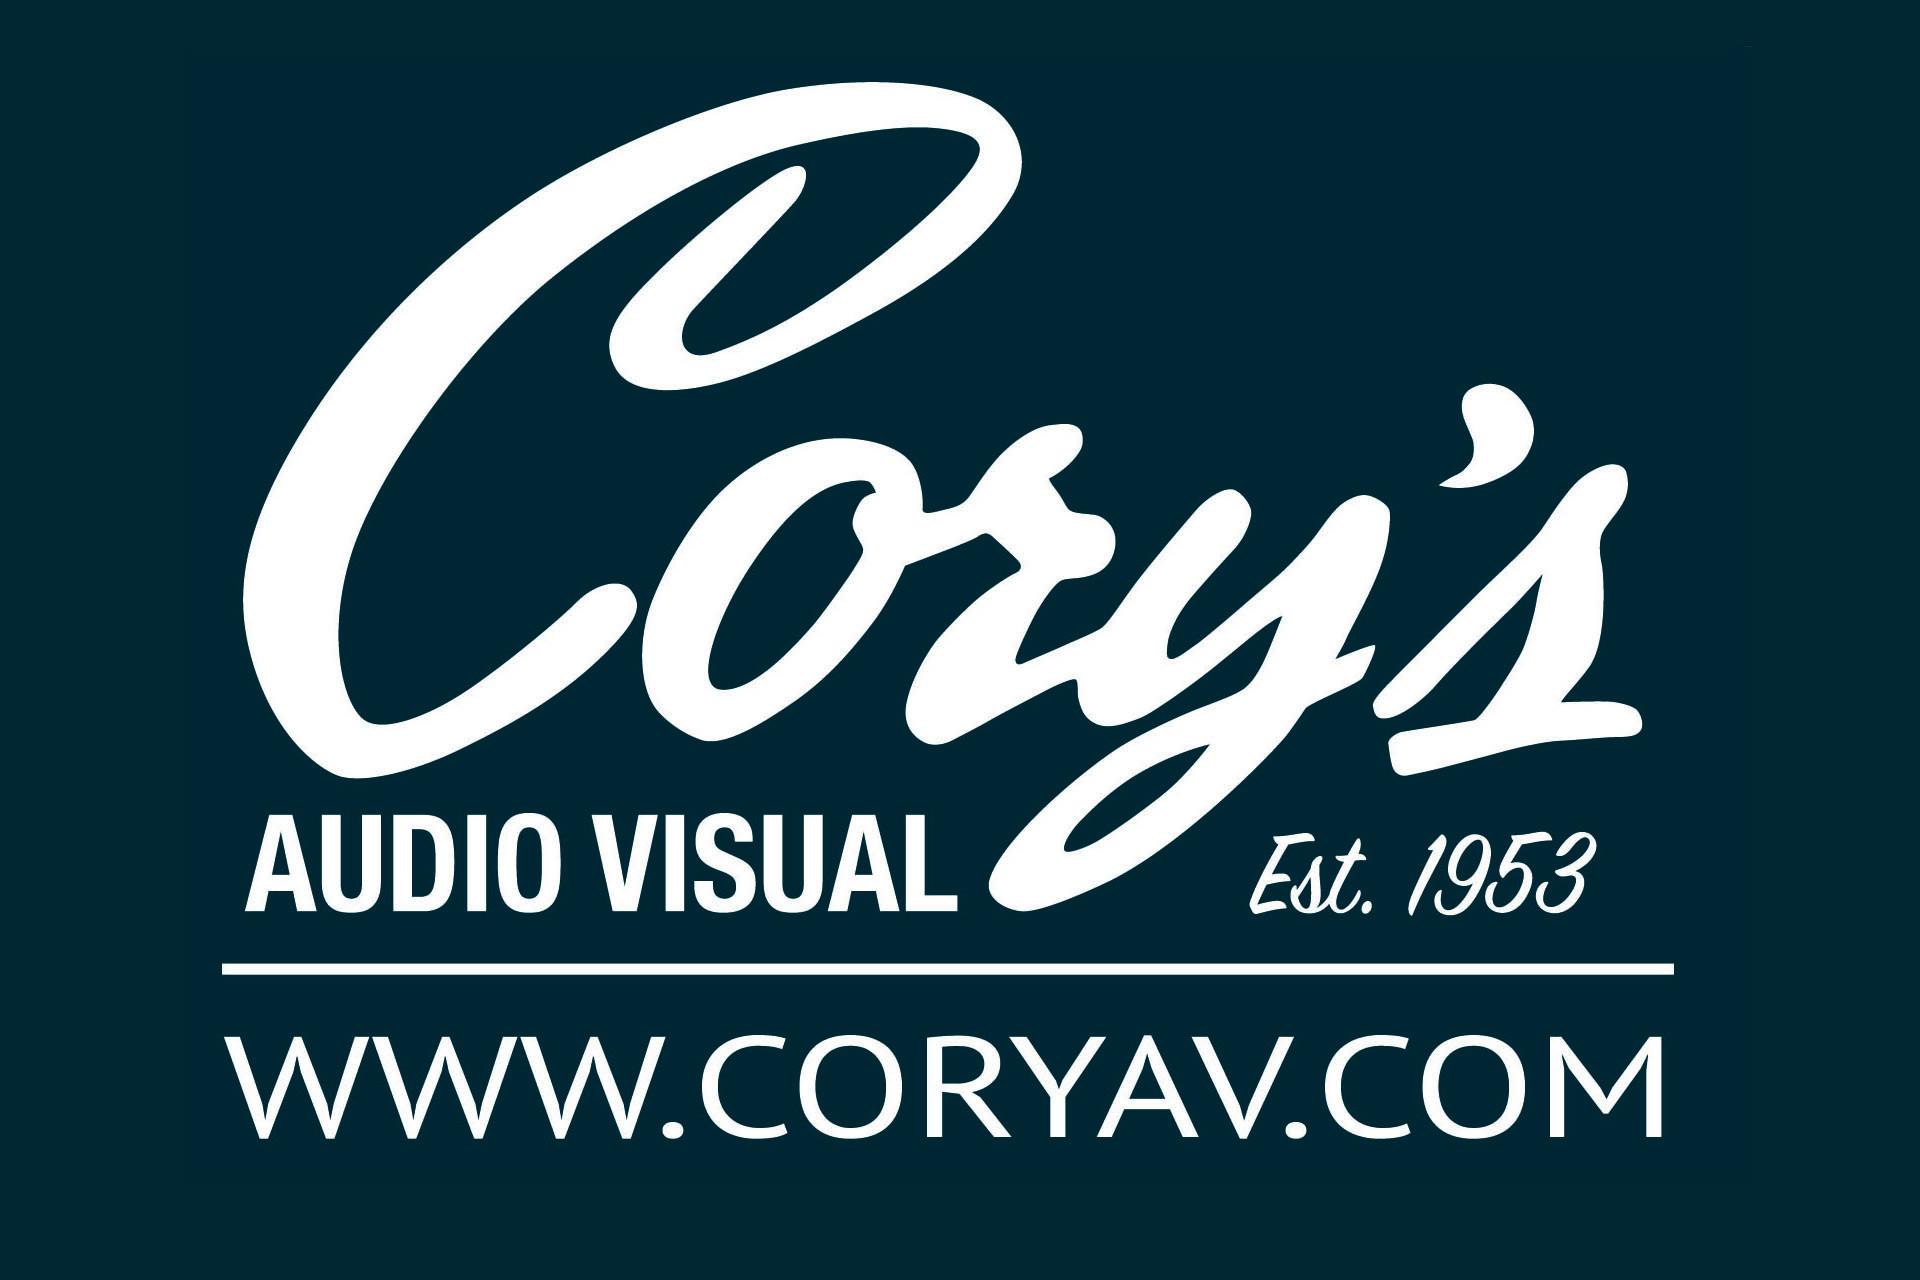 Corys AV.jpg